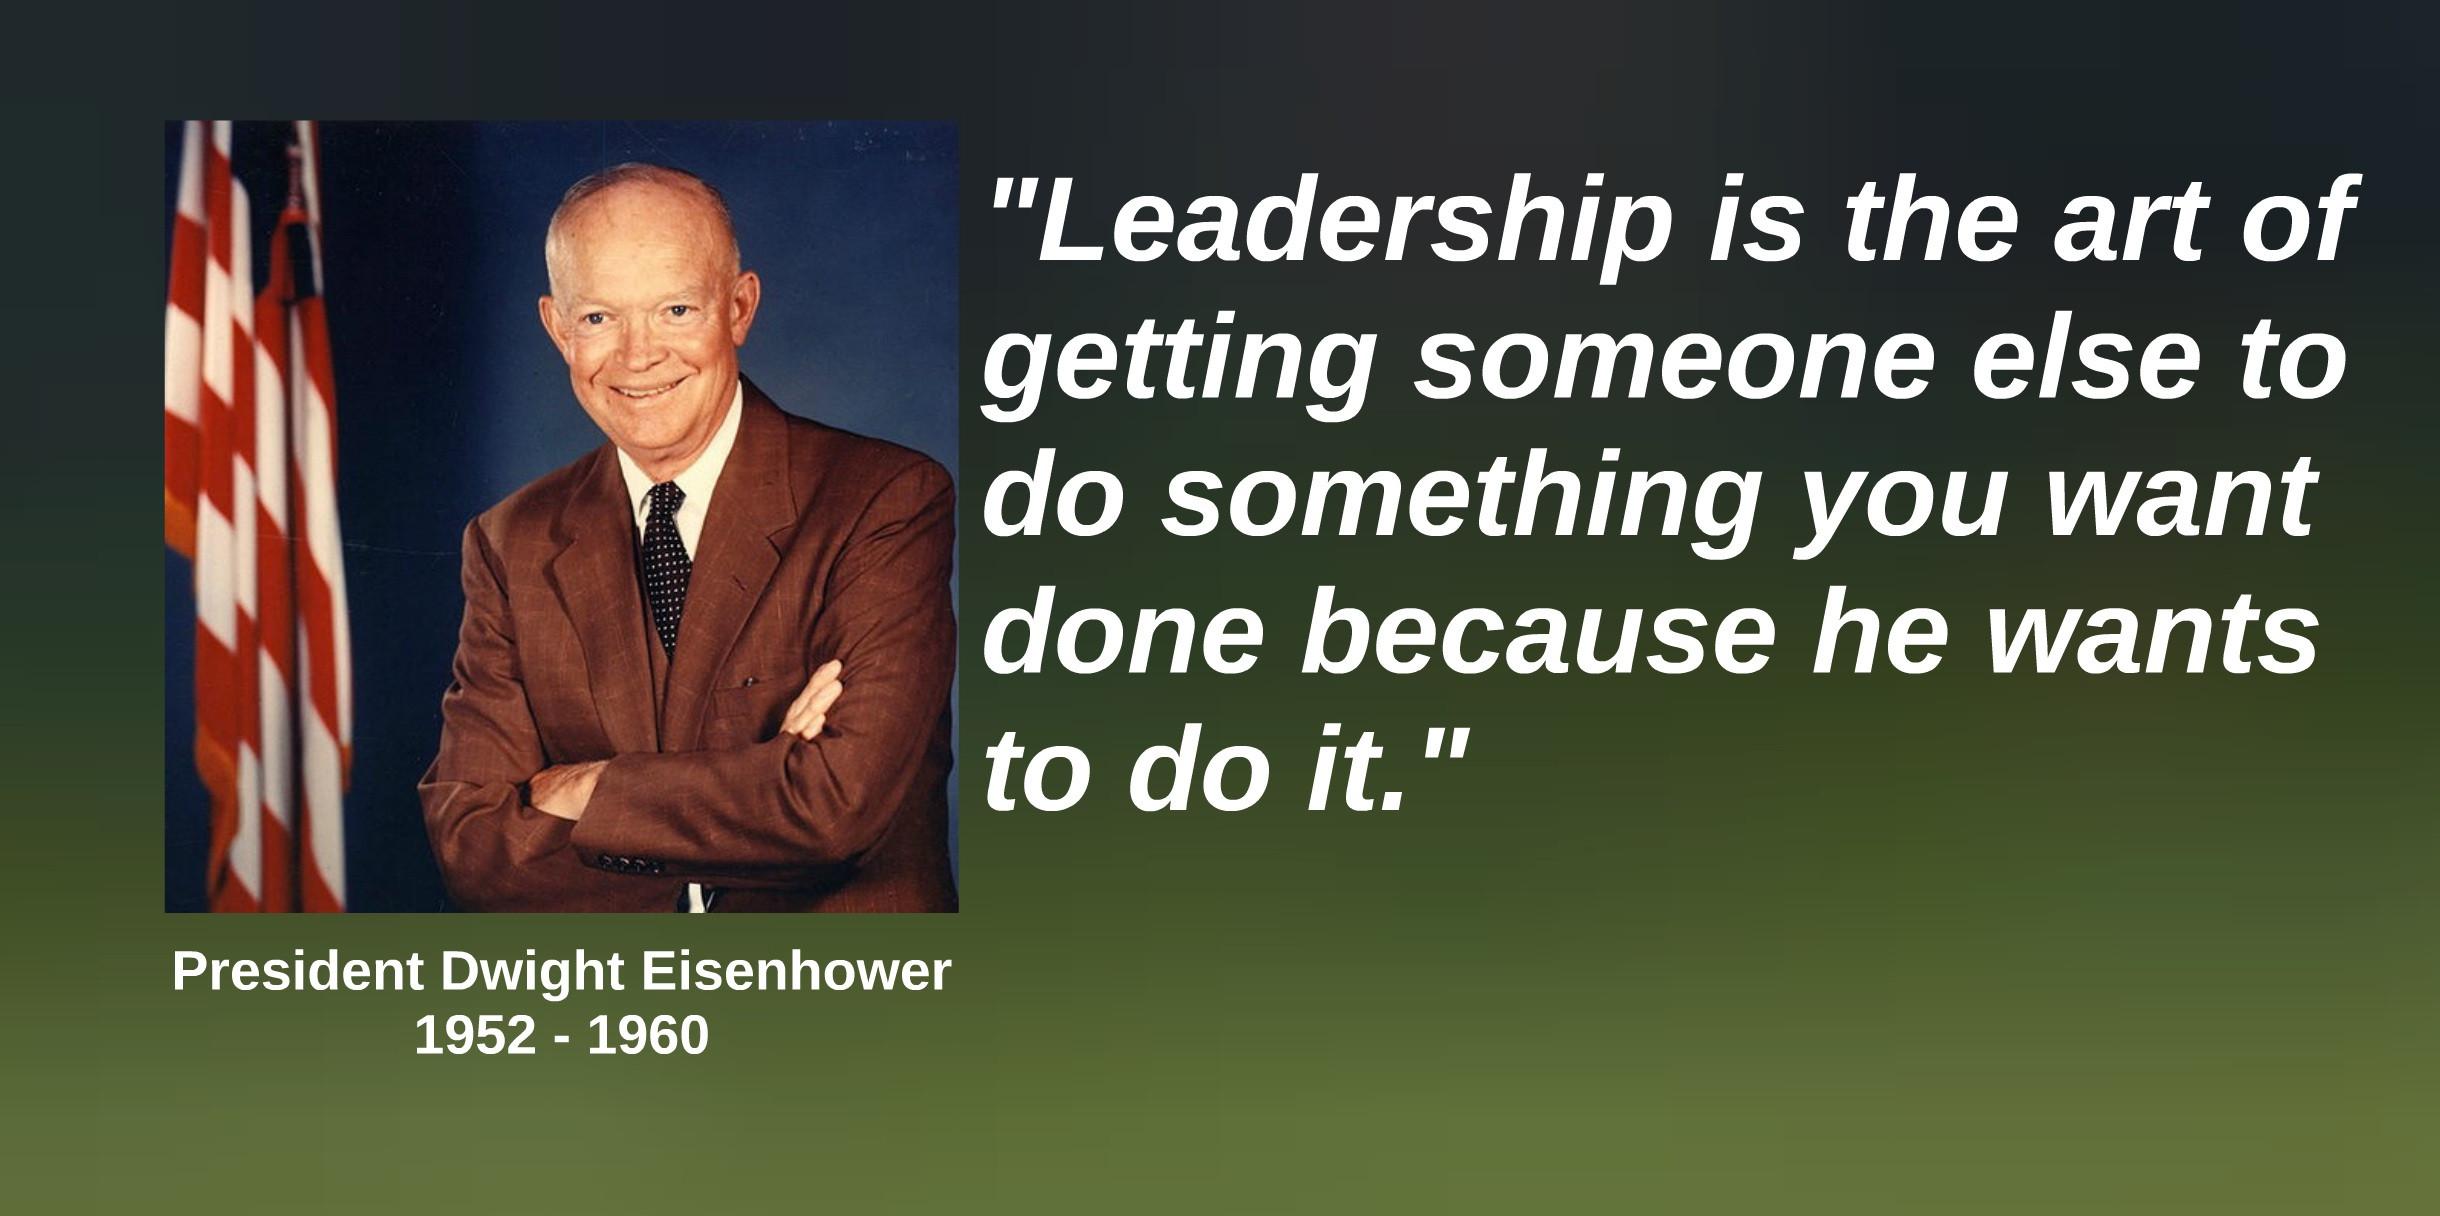 Eisenhower Leadership Quote  Eisenhower Leadership Quotes QuotesGram